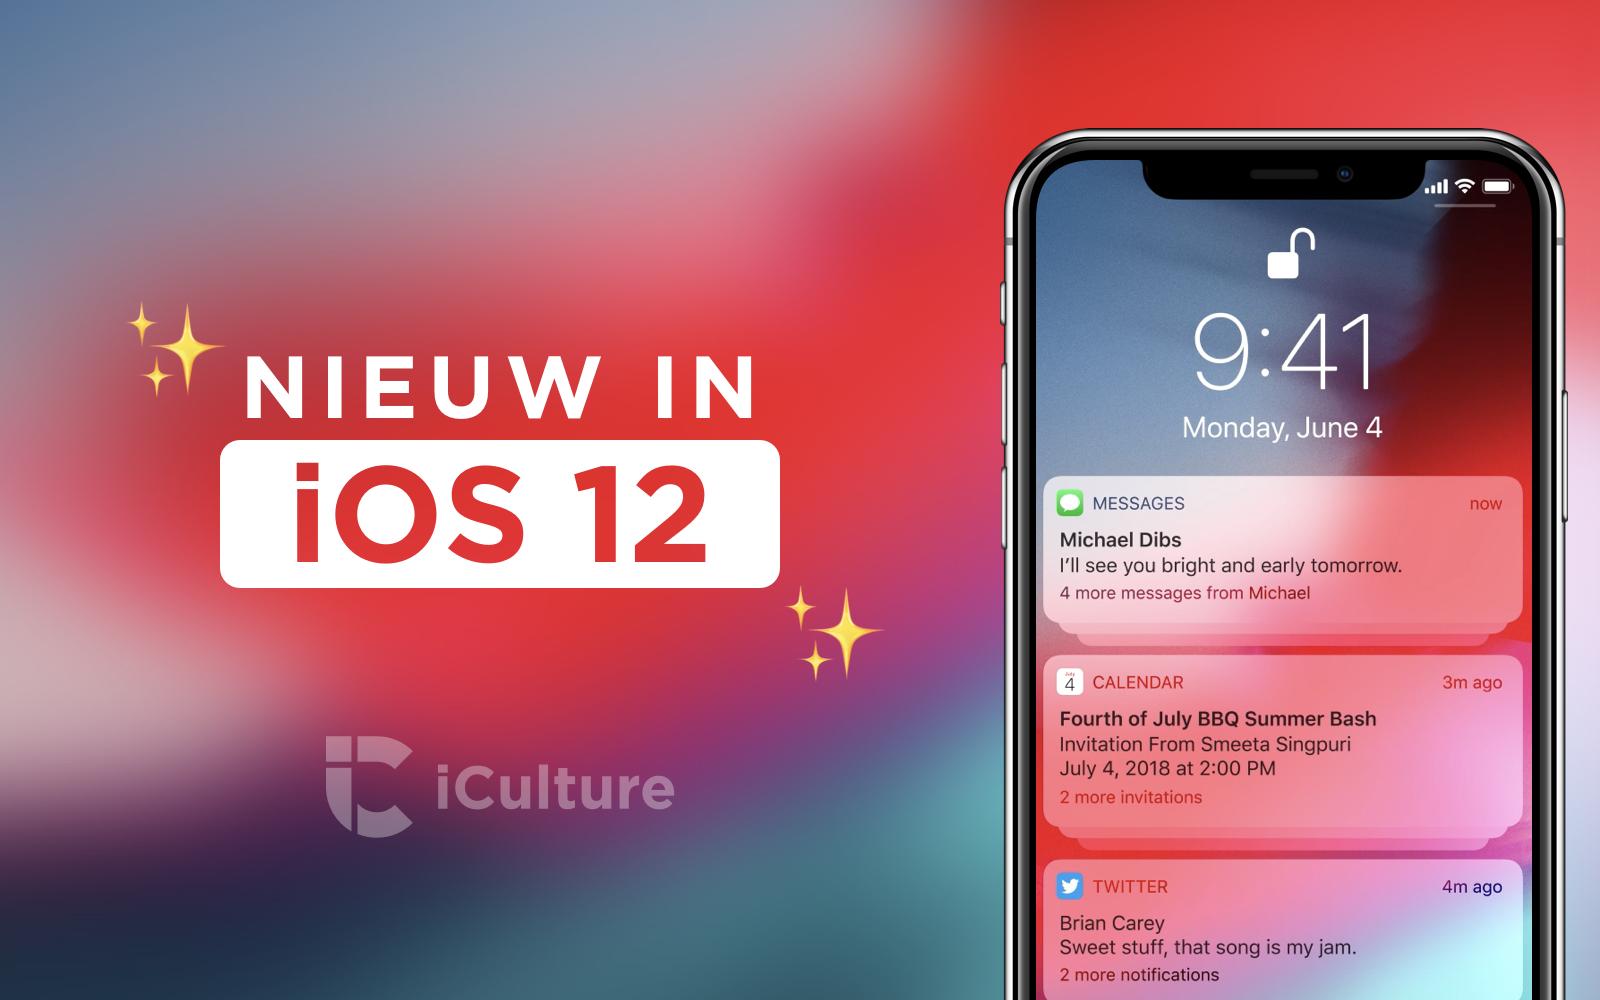 Nieuw in iOS 12